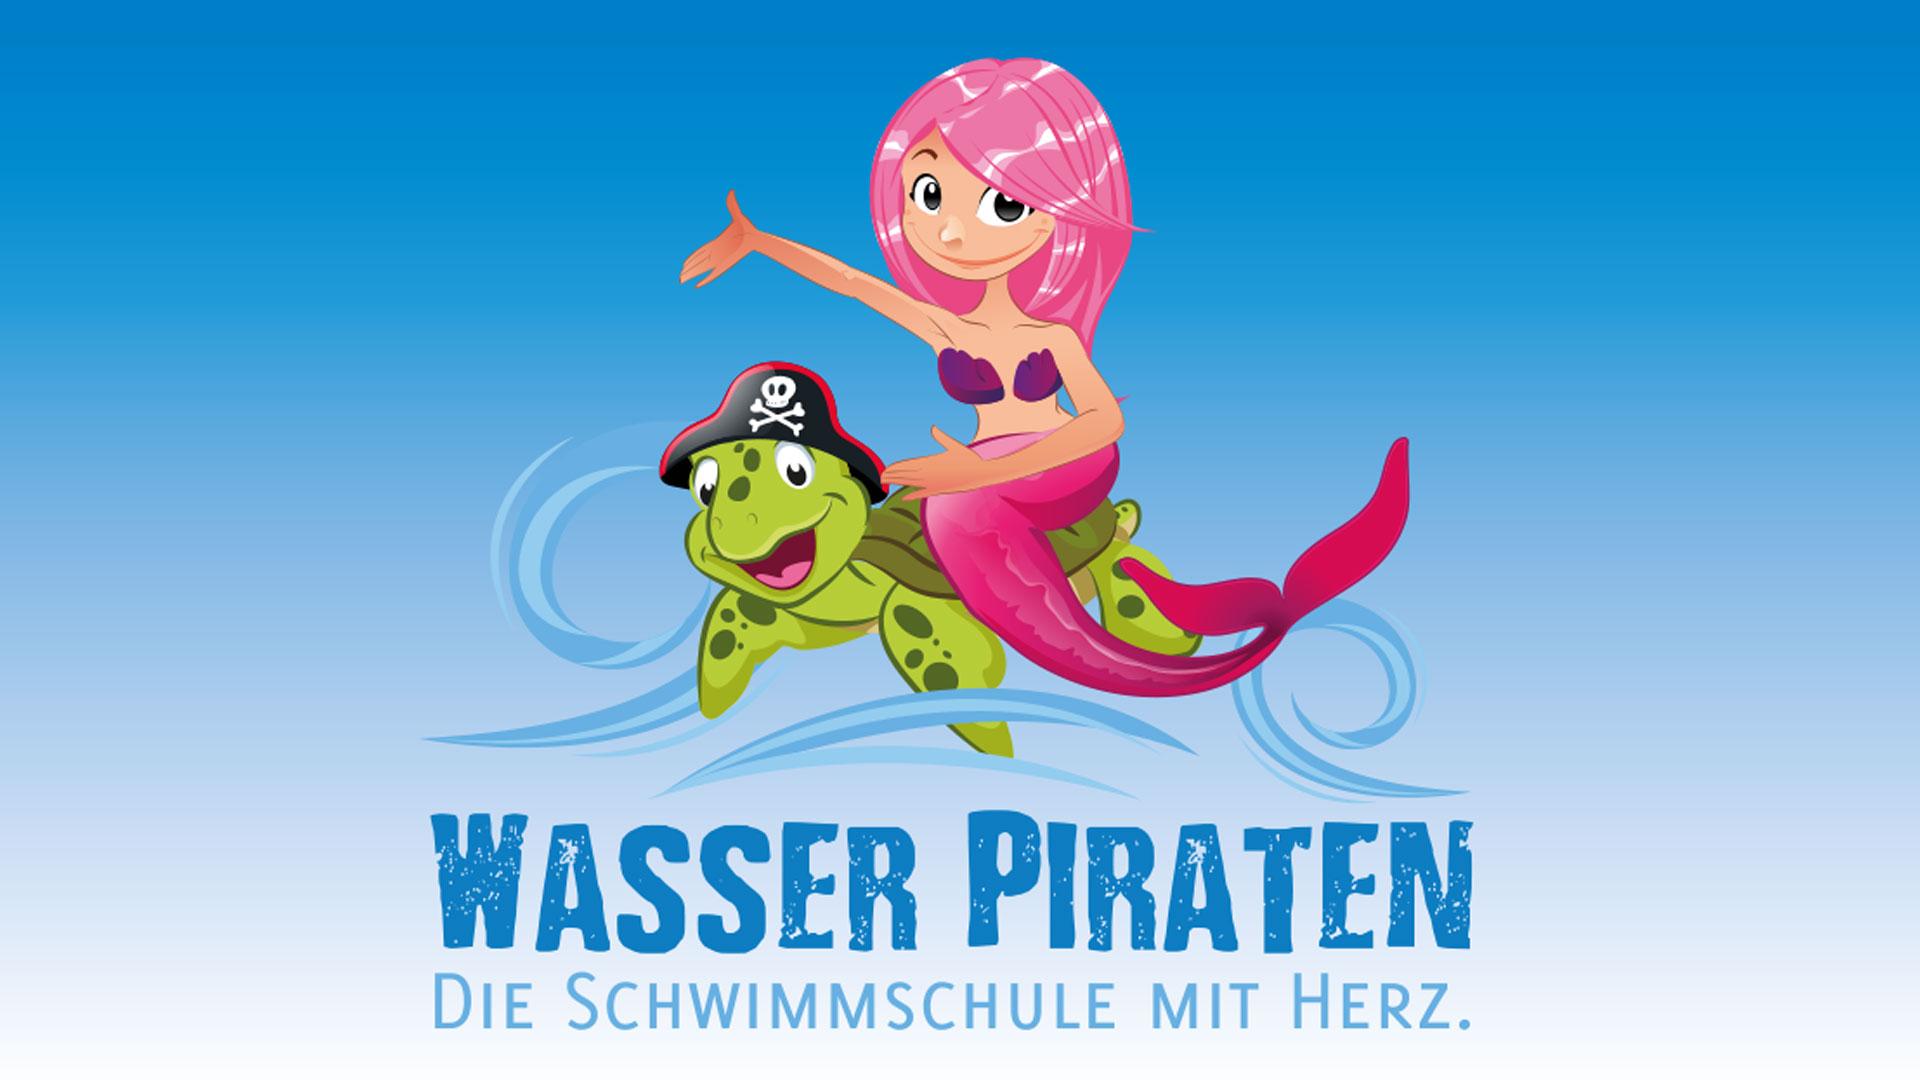 Wasser Piraten Titelbild